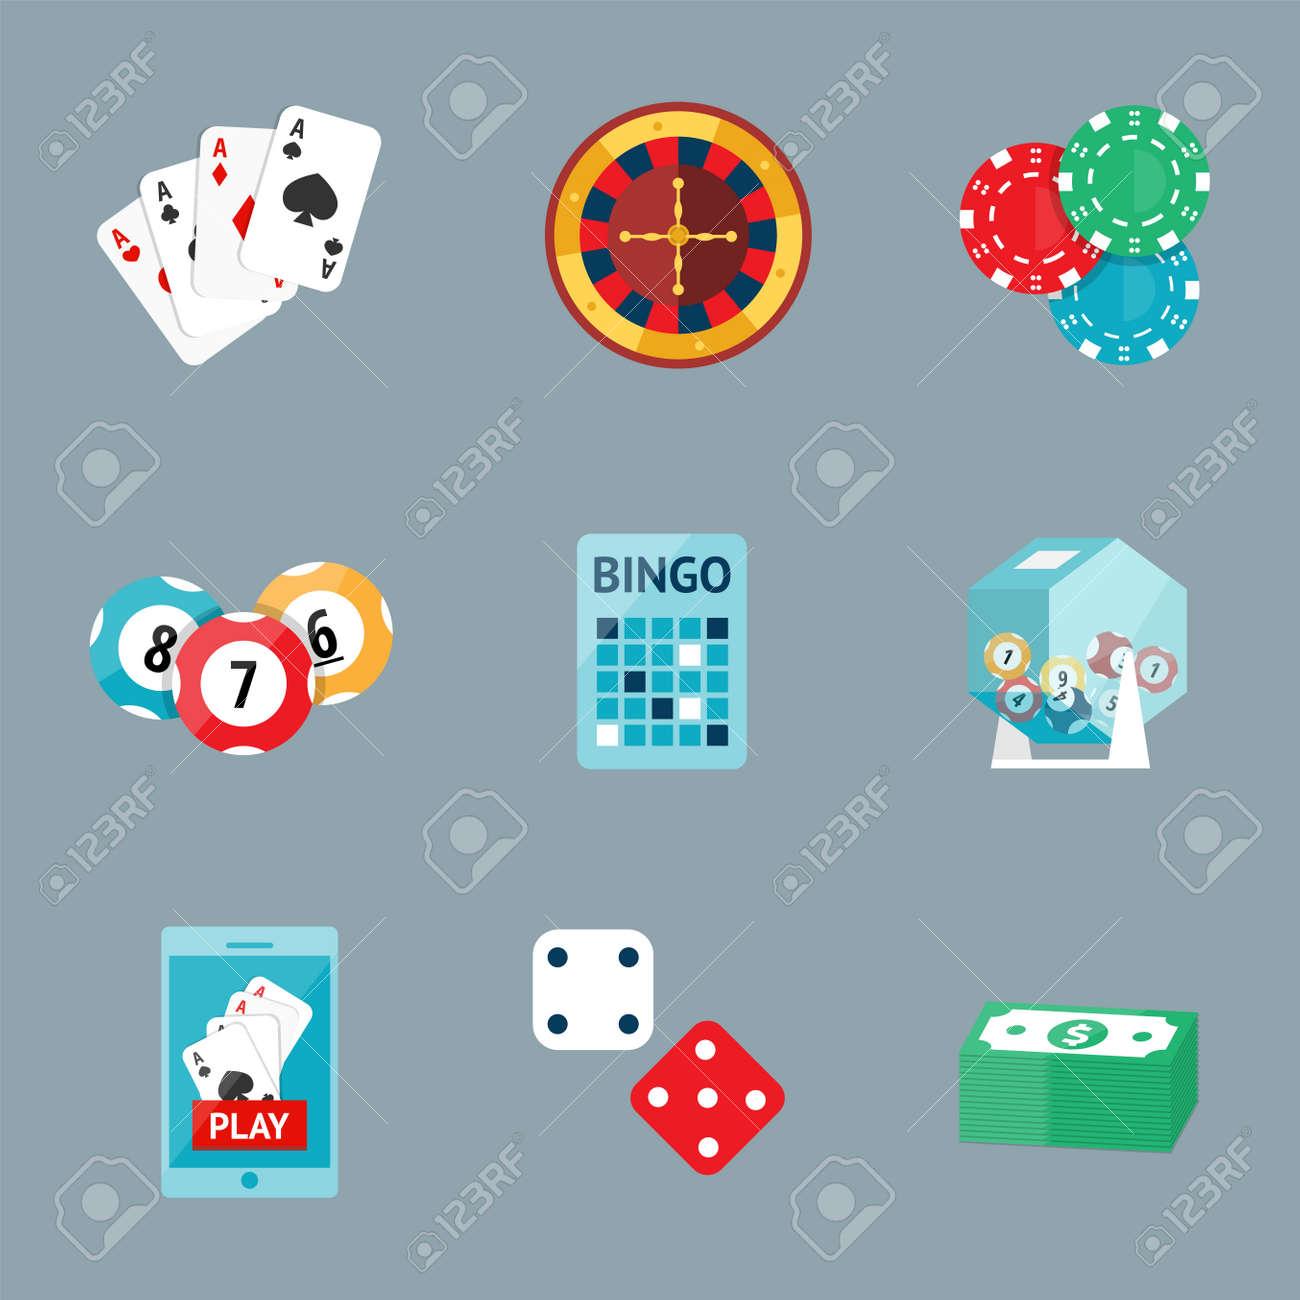 Casino Game Poker Gambler Symbols Blackjack Cards Money Winning